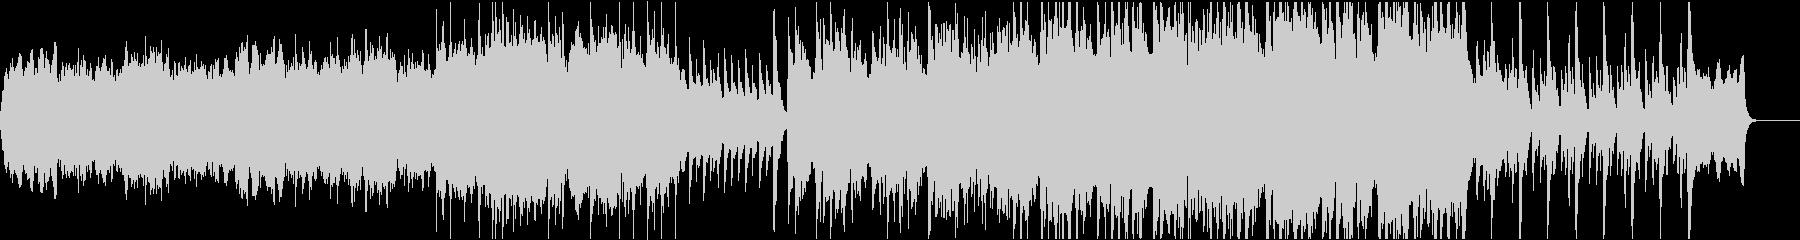 和楽器を使ったオケ曲の未再生の波形